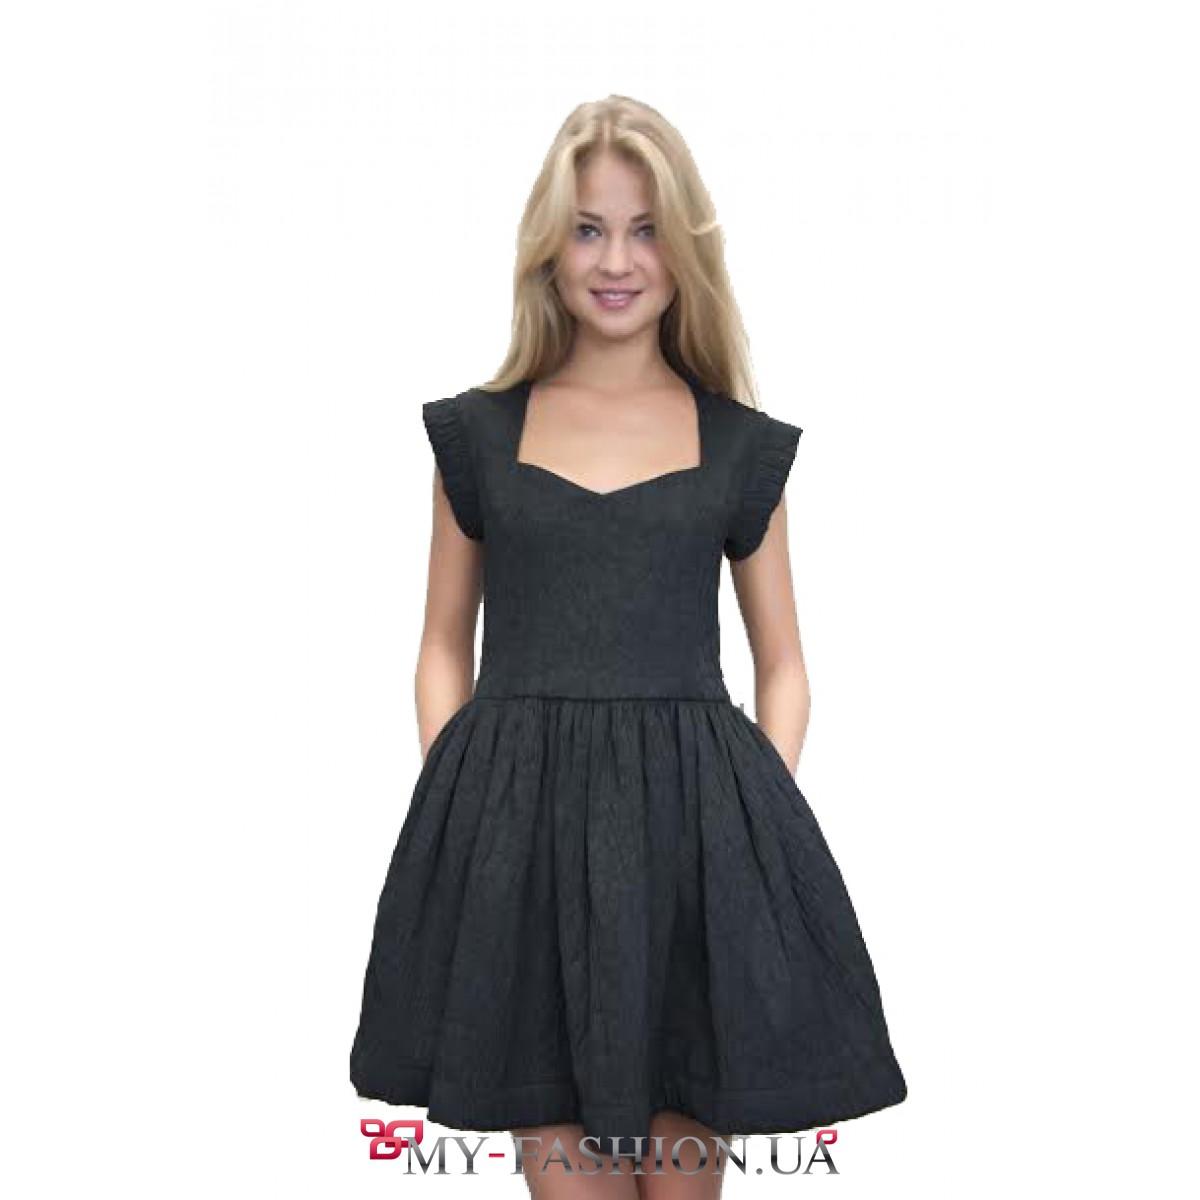 Черное пышное платье короткое купить в